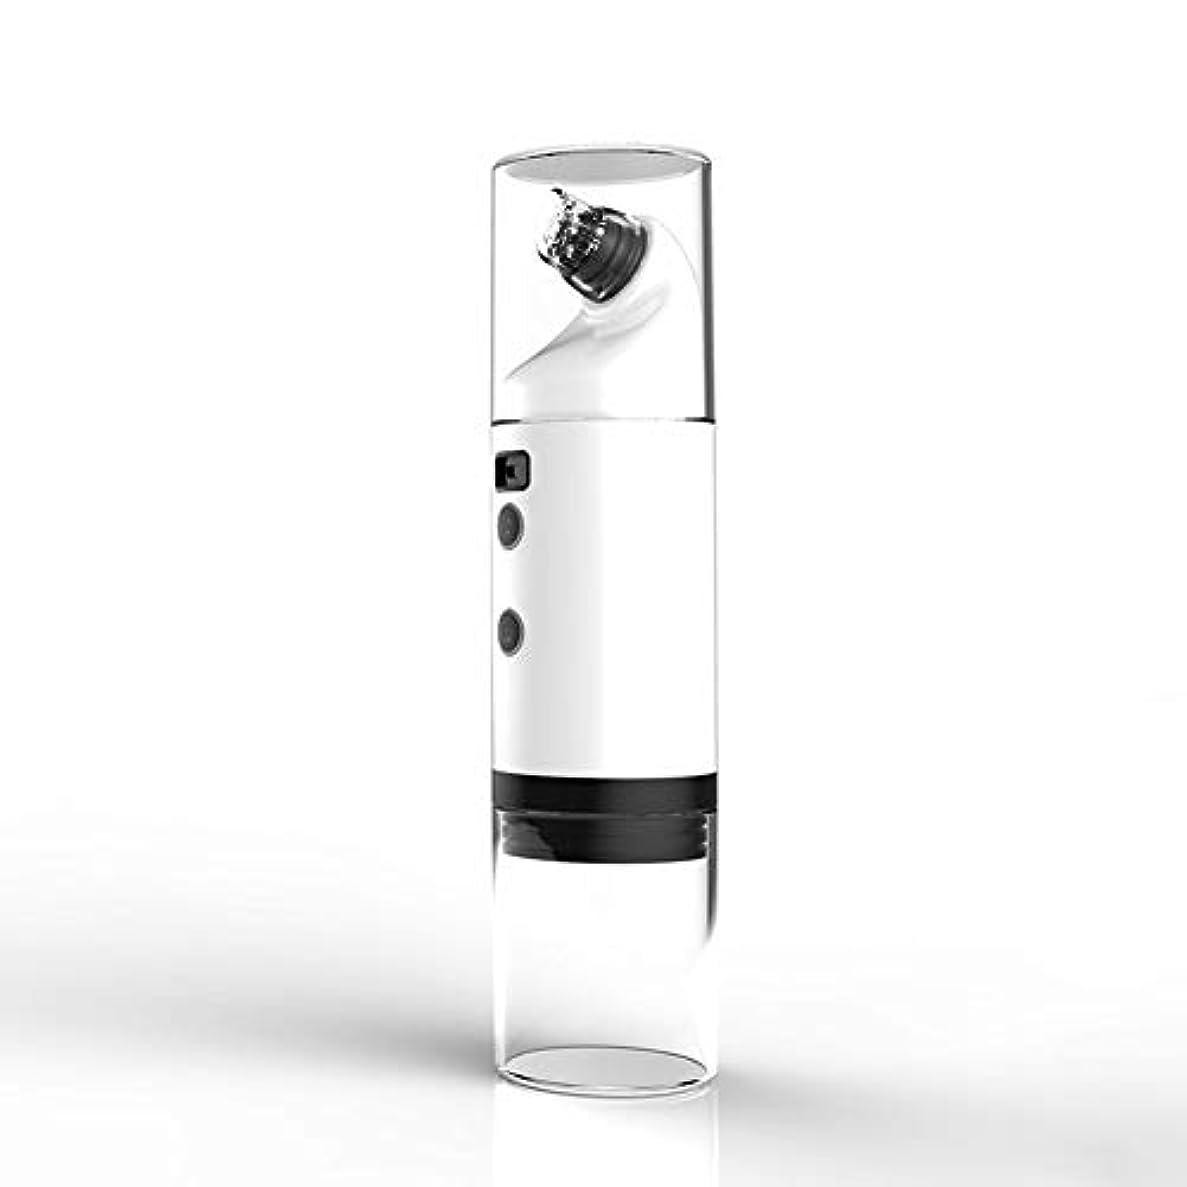 健康より良い押し下げるにきび楽器、電気吸引にきび世帯、毛穴クリーニング小さな泡美容器具、、フェイス鼻のためのLEDディスプレイと充電式USBおでこホワイトヘッドクリーン